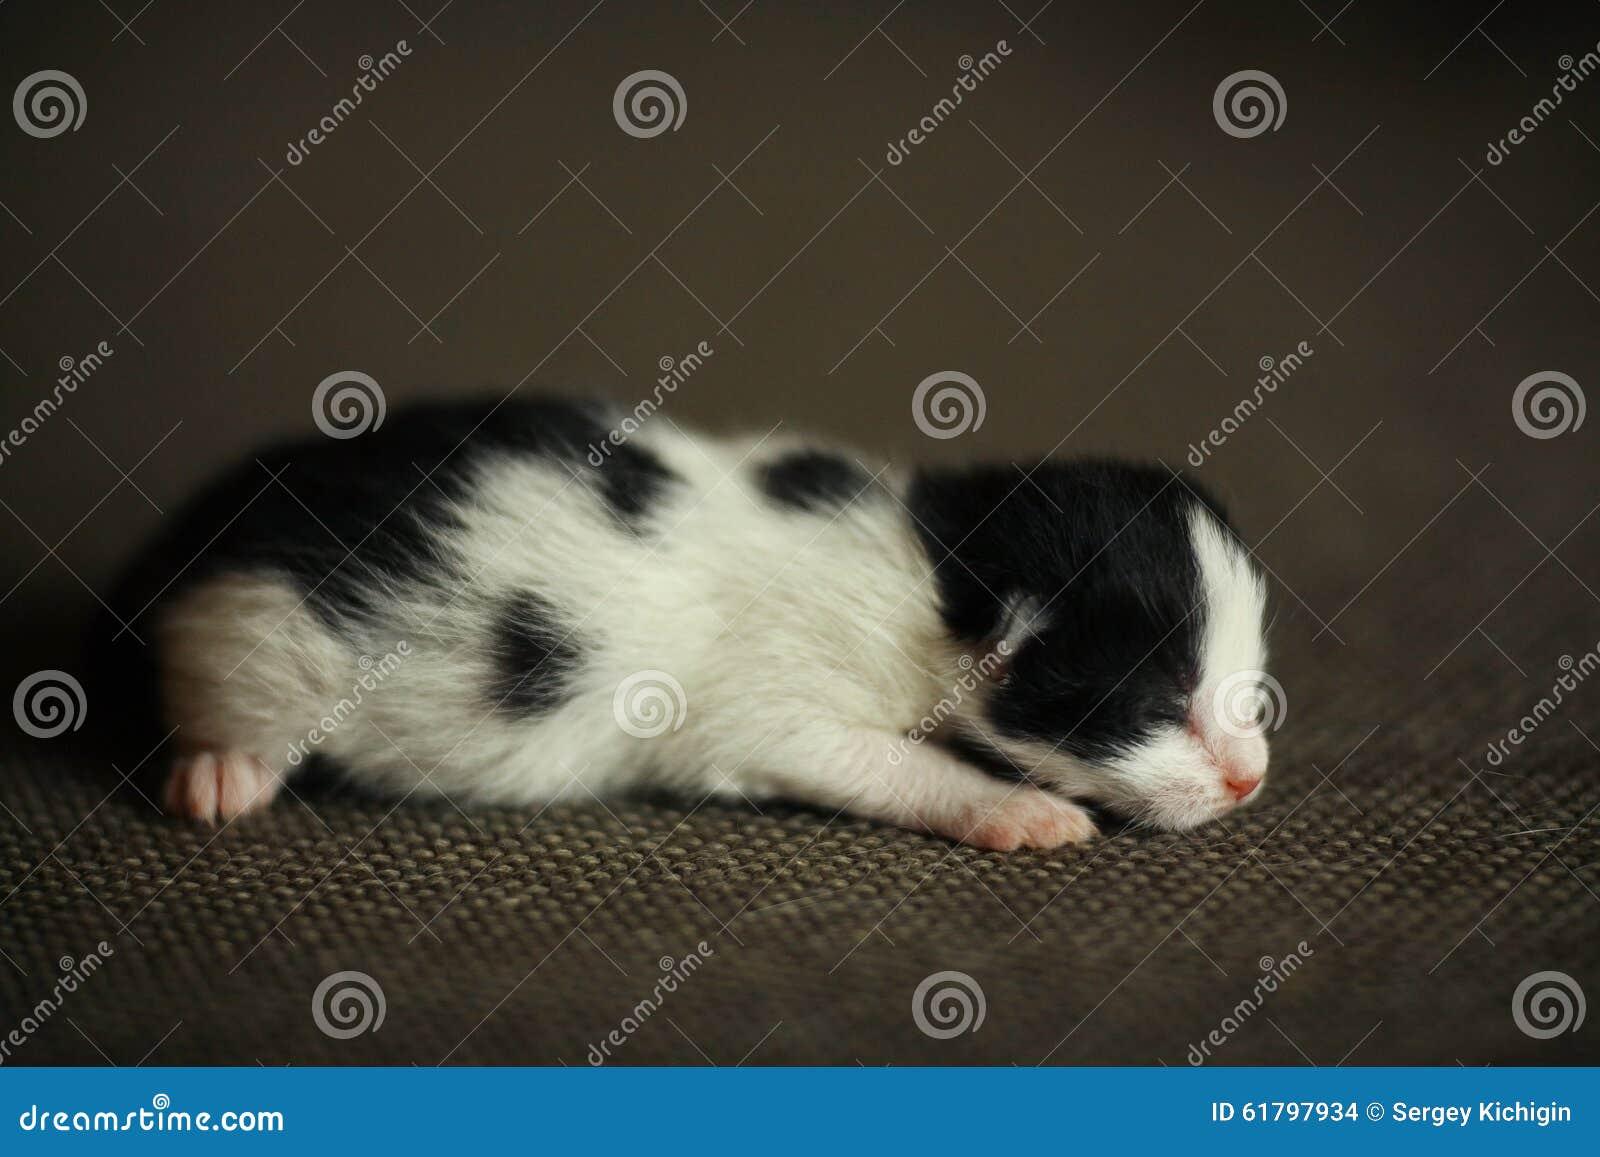 Newly born little kitten